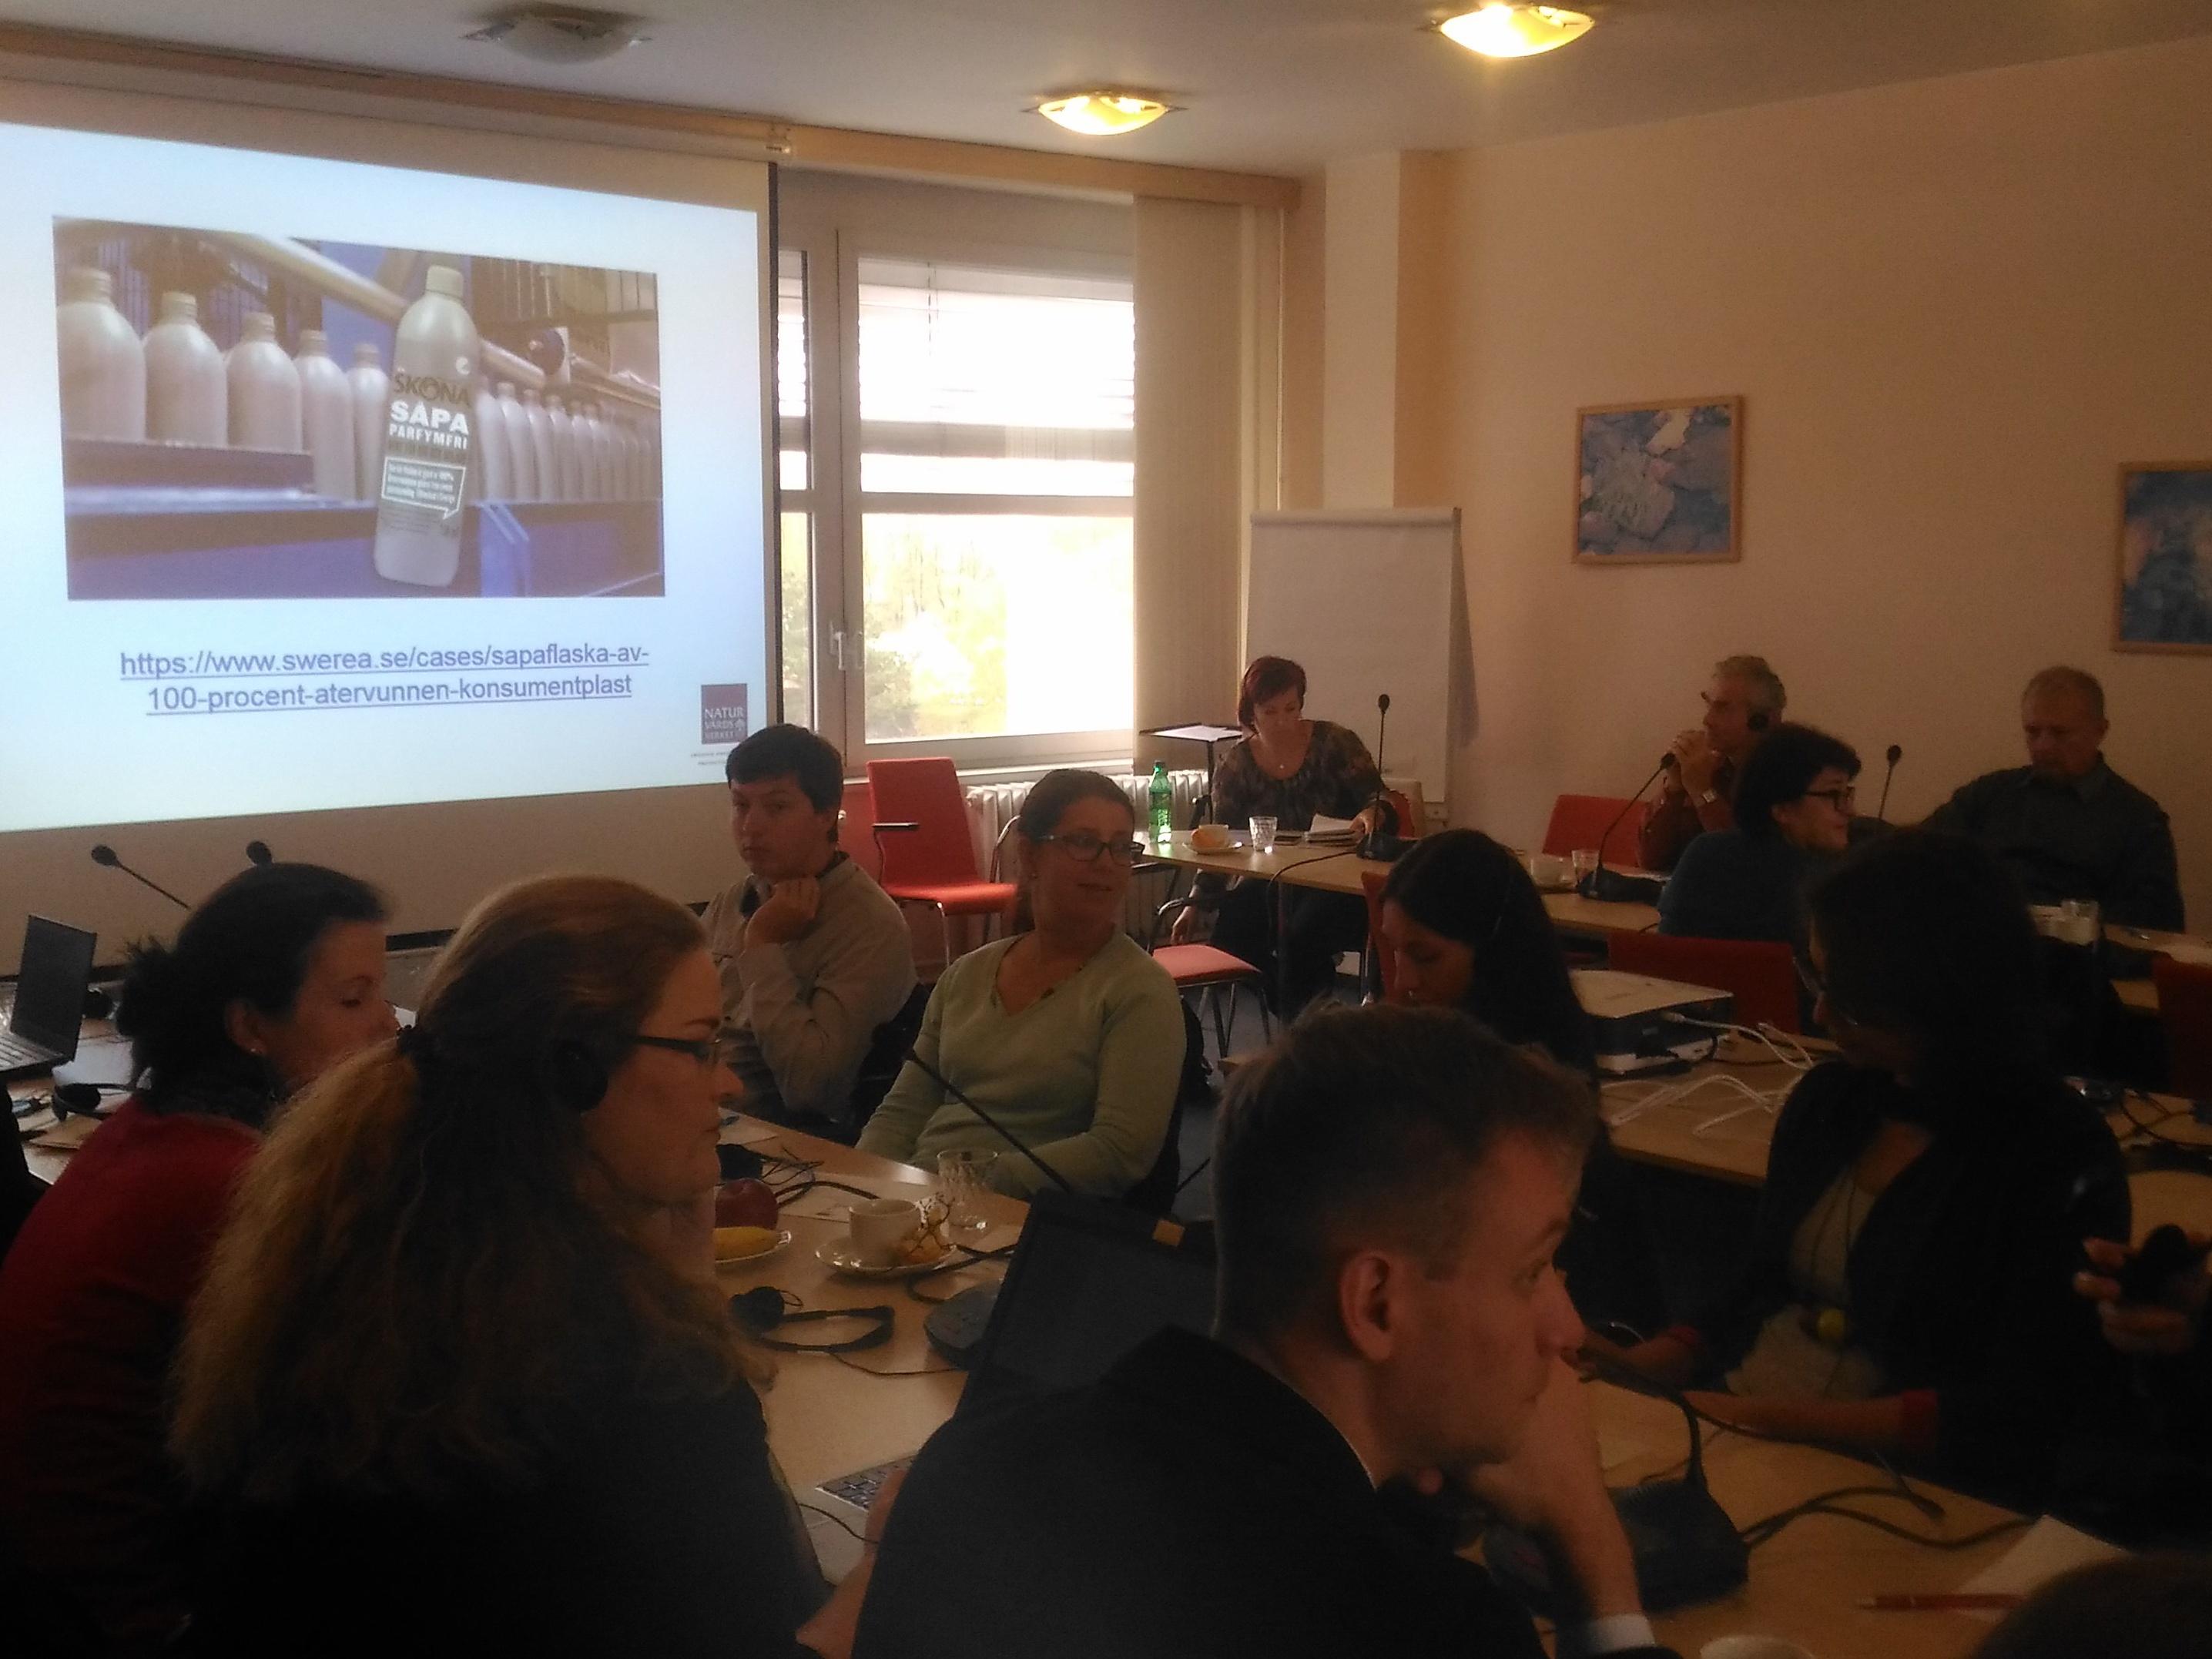 Mezinárodní zkušenosti pomáhají – na MŽP diskutovali experti ze Švédska, Slovenska a ČR o budoucnosti plastů